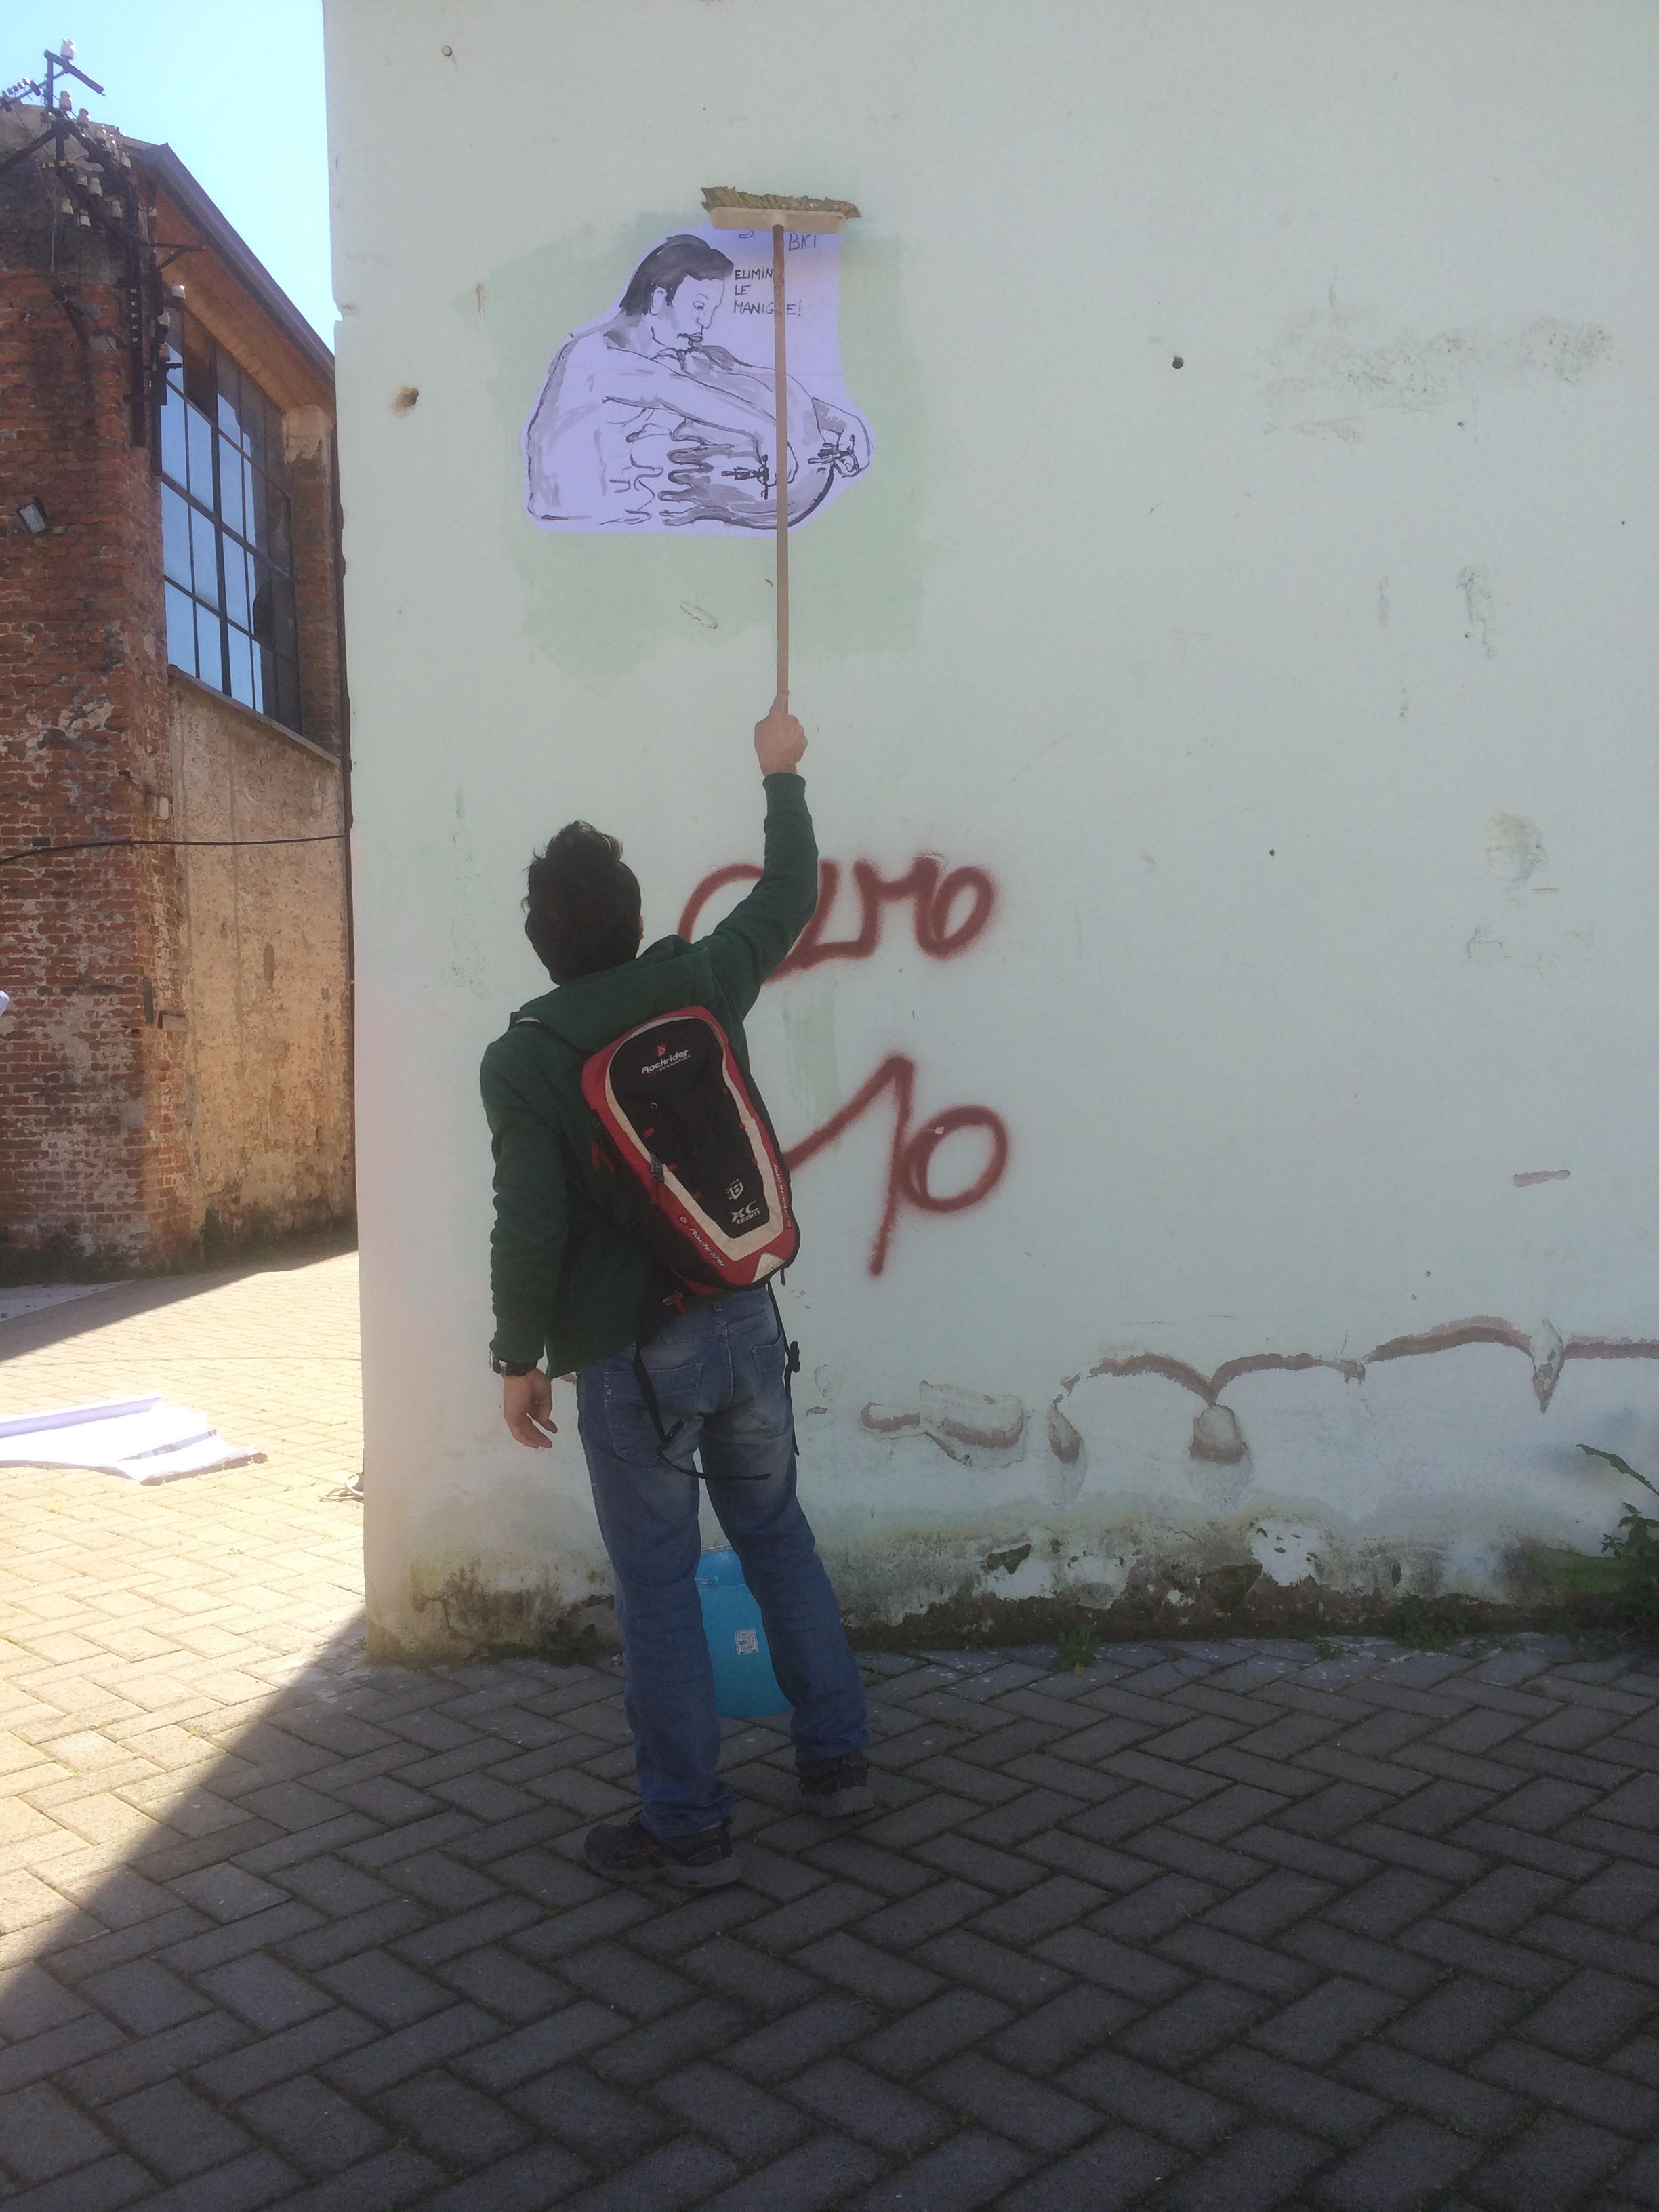 collettivo-fx-new-mural-in-palermo-10